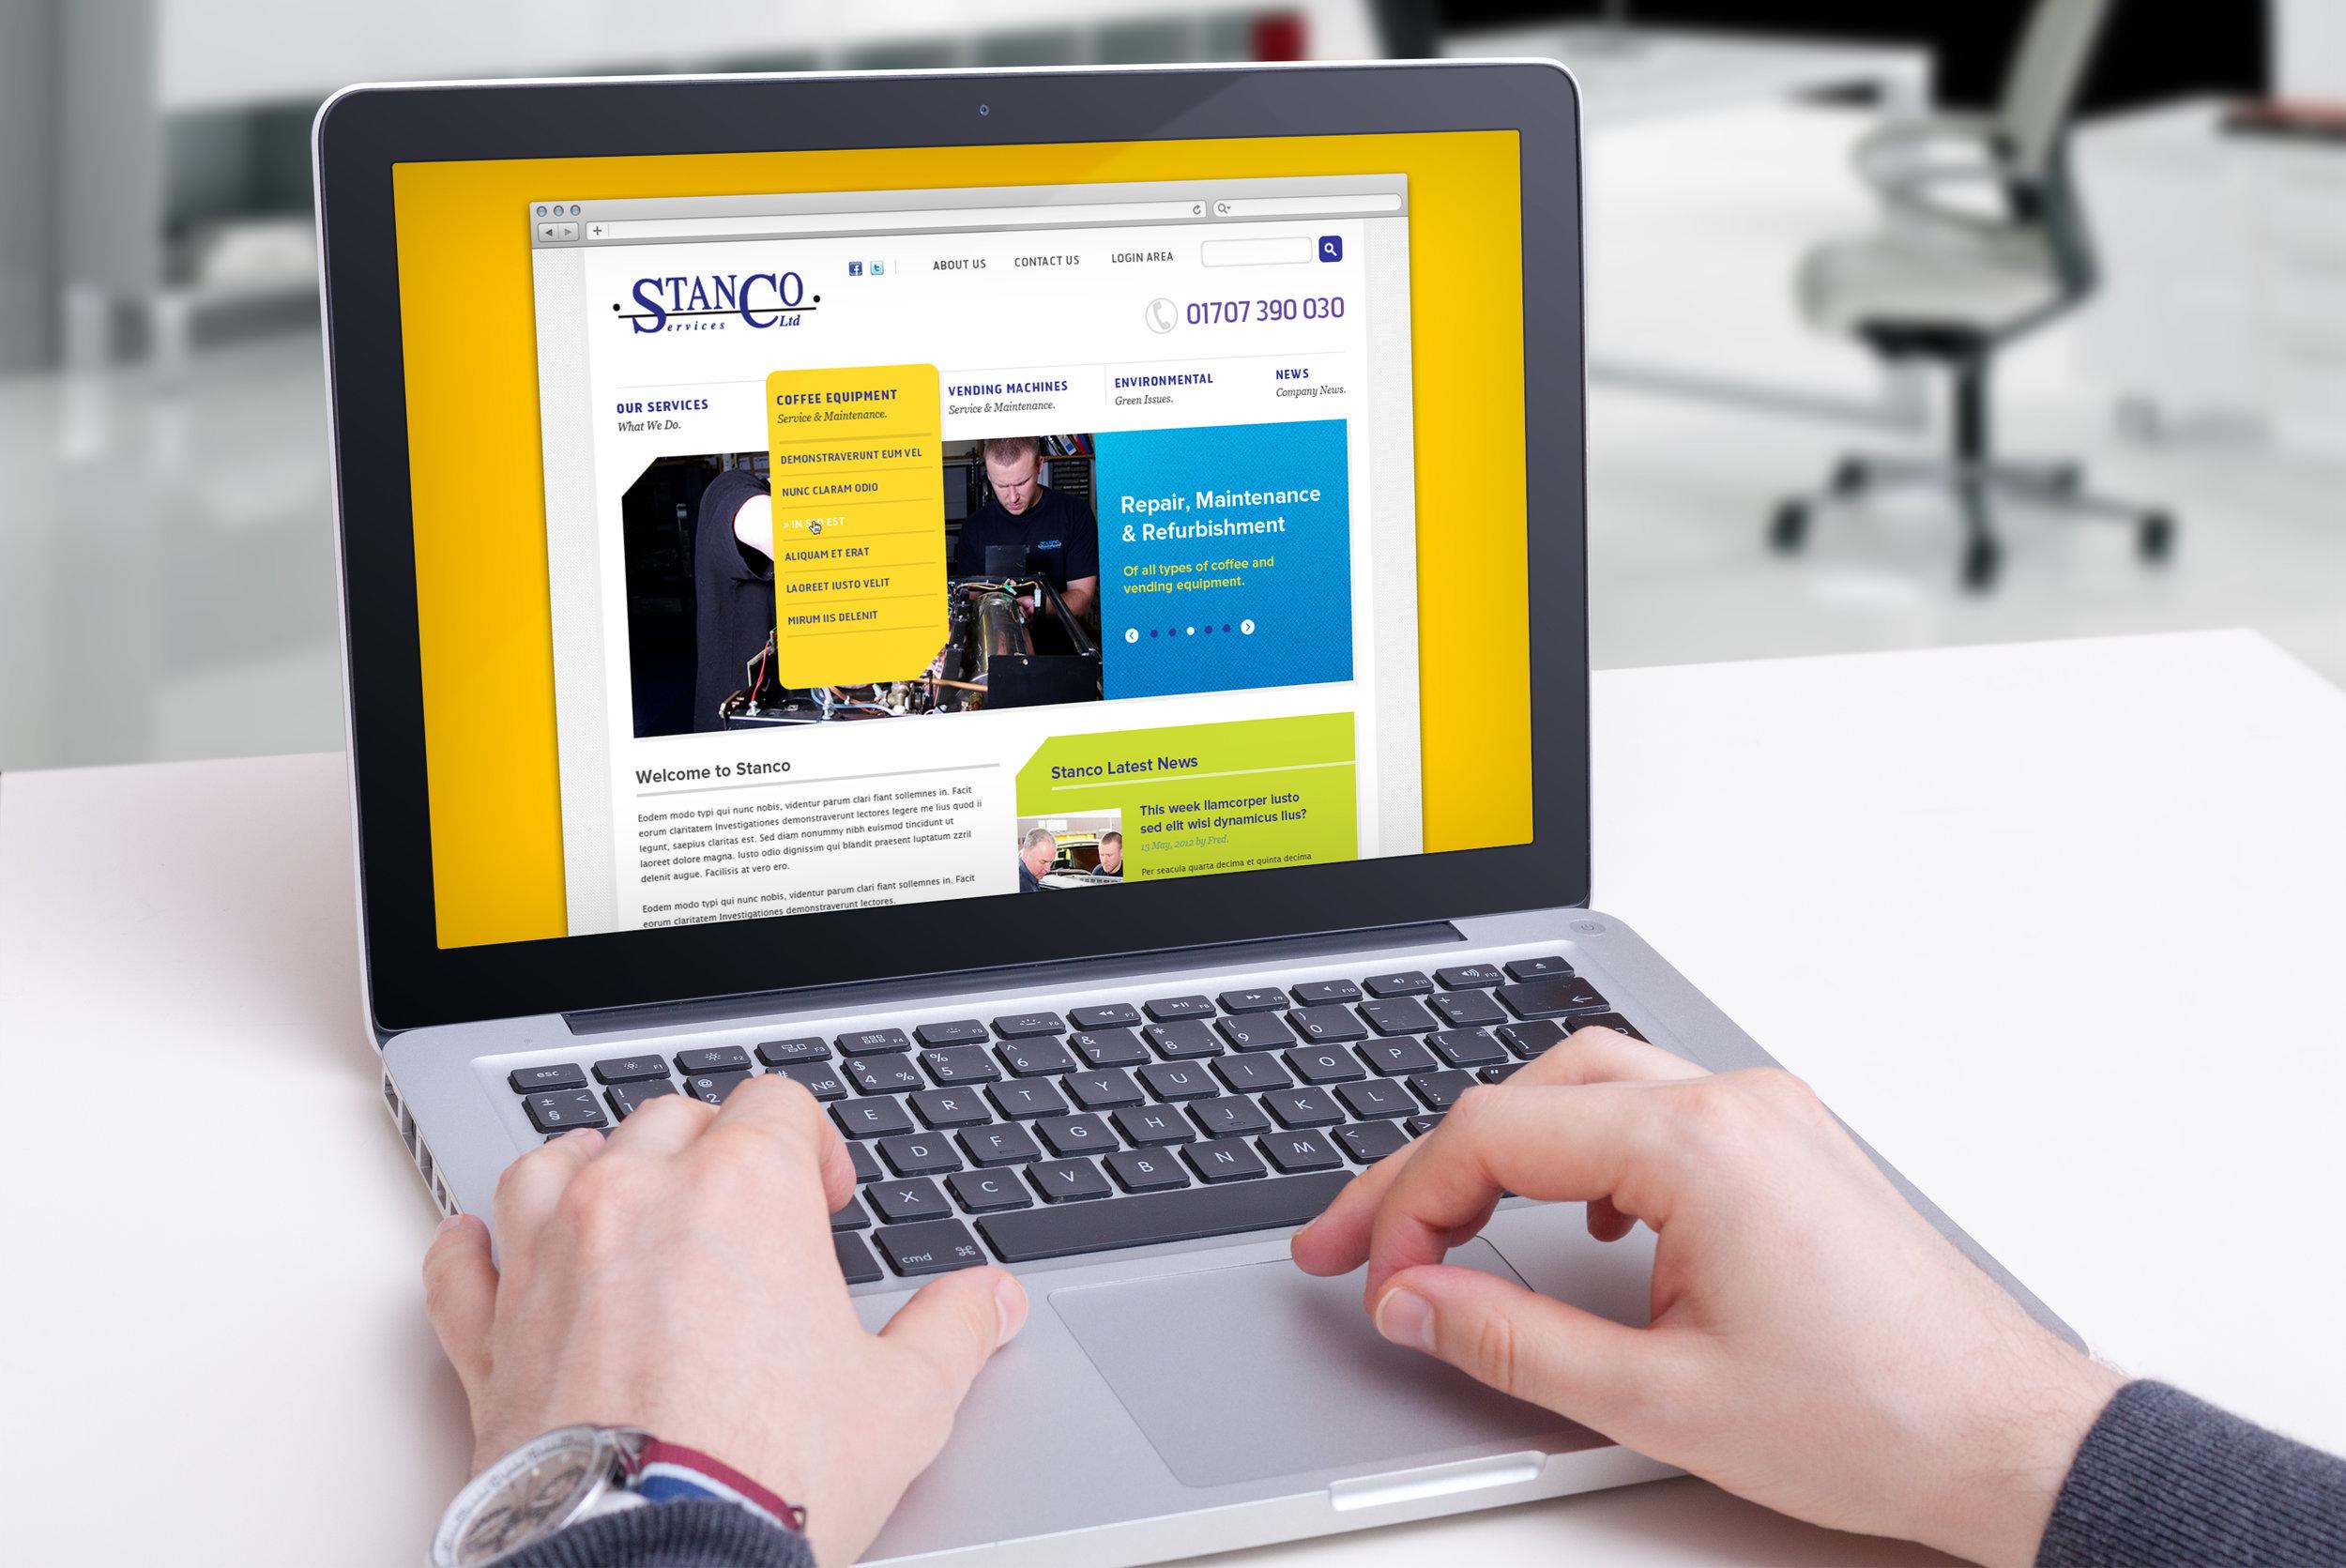 Stanco-Laptop-Mockup-(02)-1.5.jpg